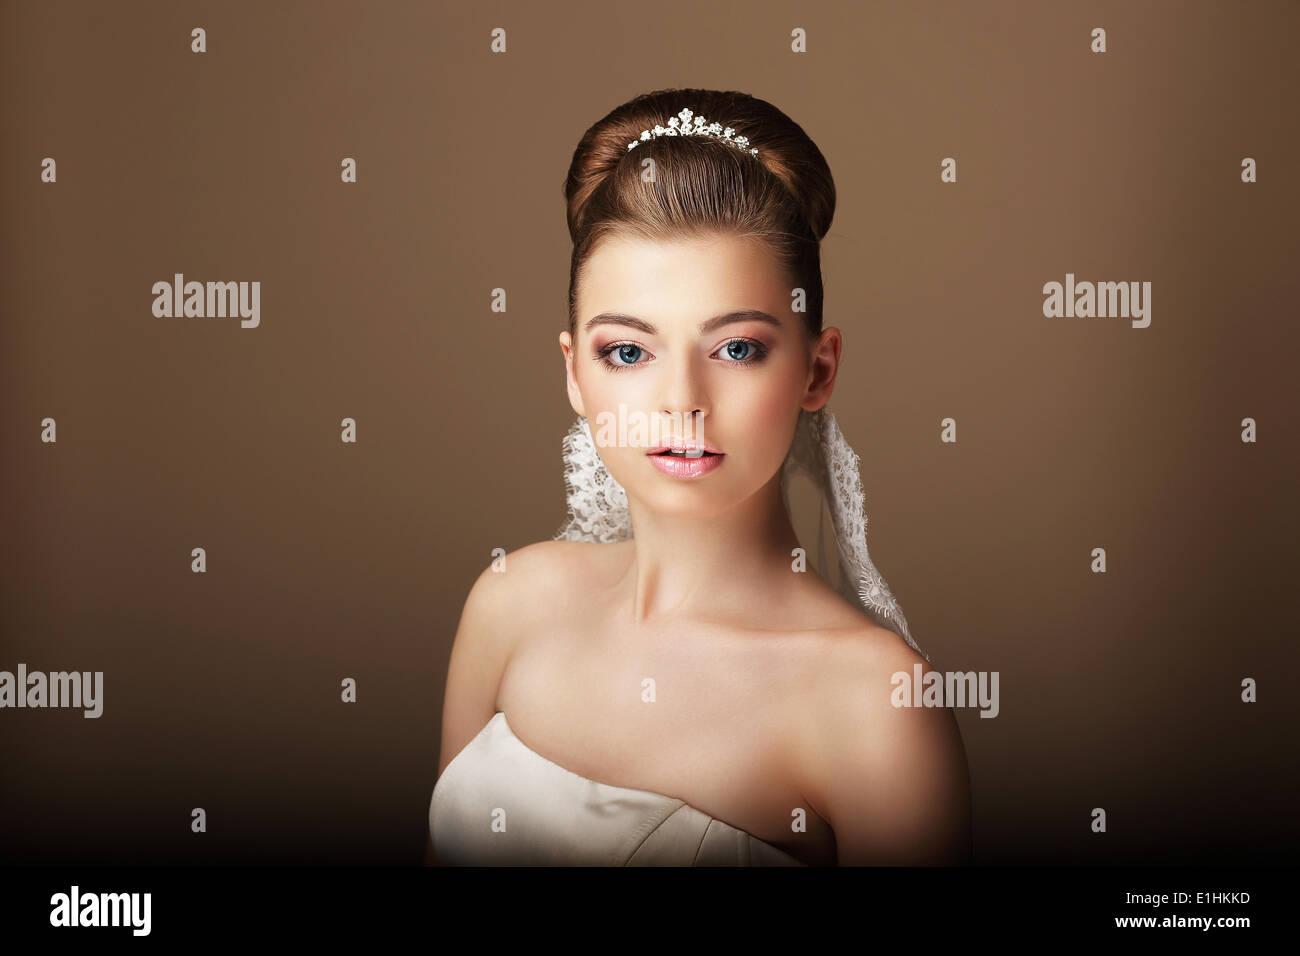 Portrait von junge Brünette mit natürliches Make-up Stockbild